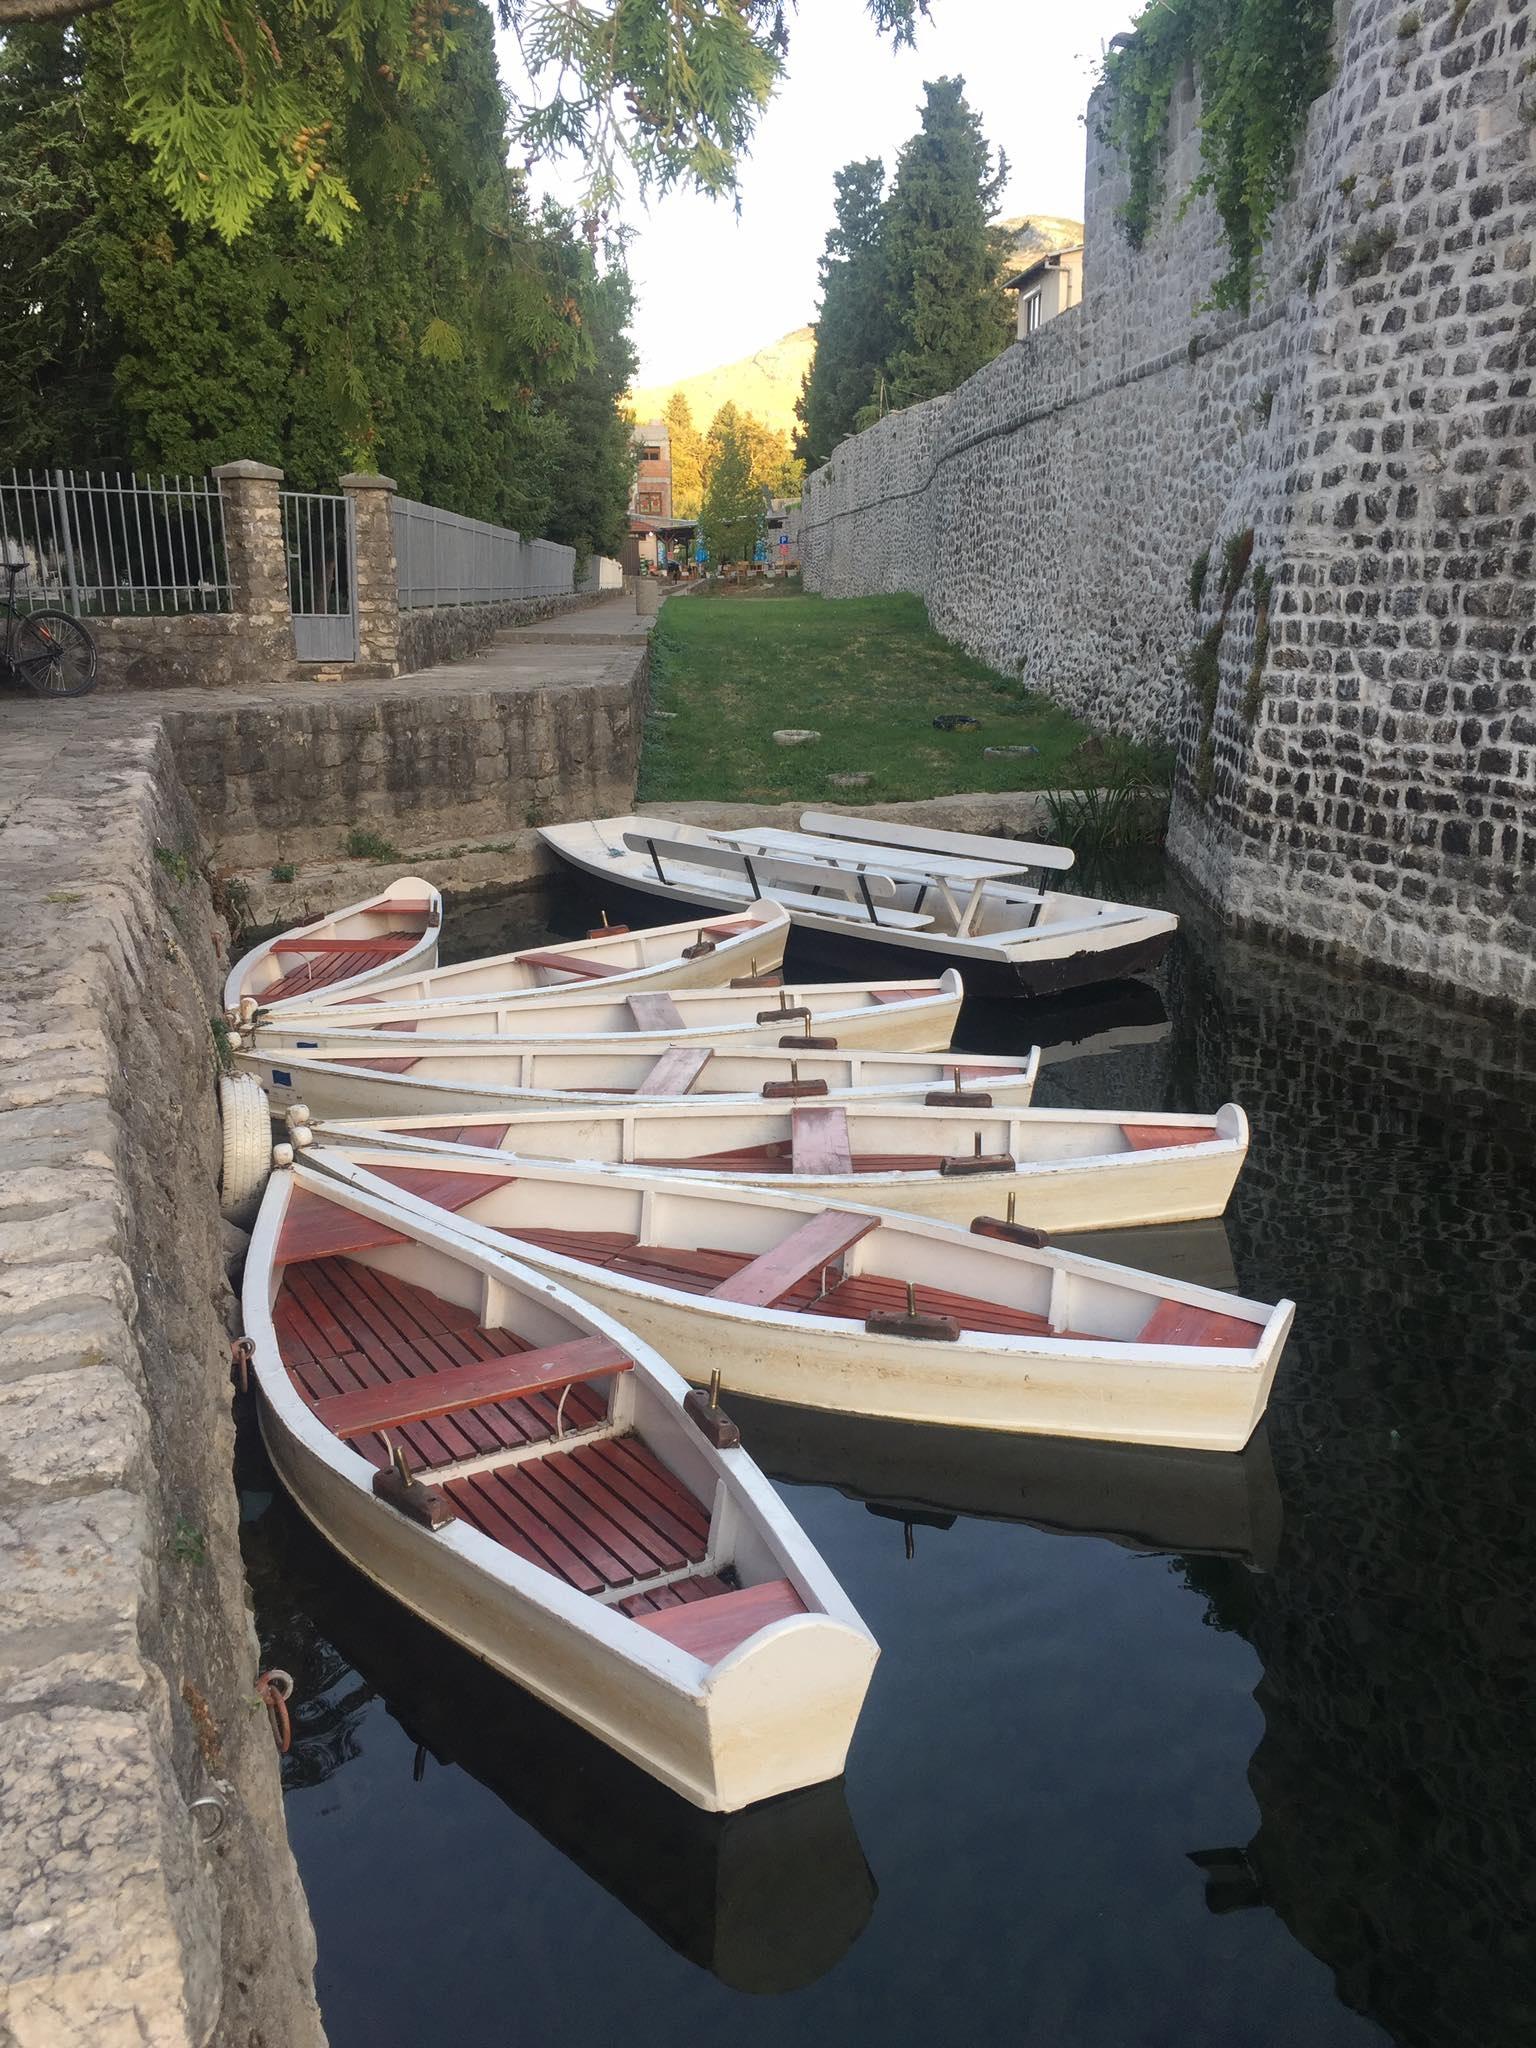 Barke mladog poduzetnika iz Trebinja plove Trebišnjicom